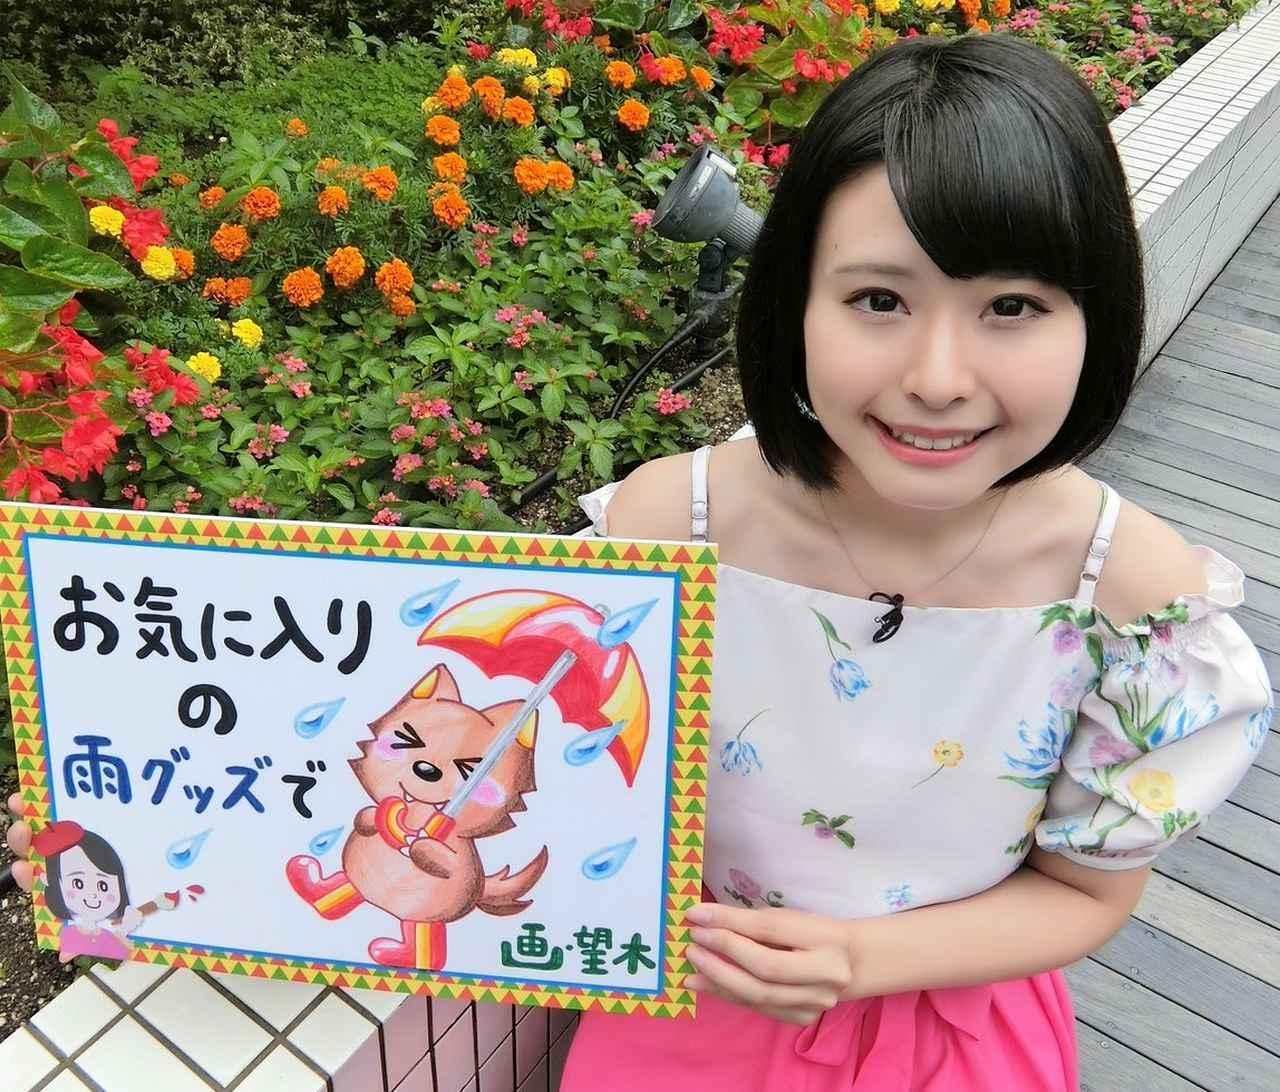 画像: 望木聡子、ありがとう地元(*^o^*)